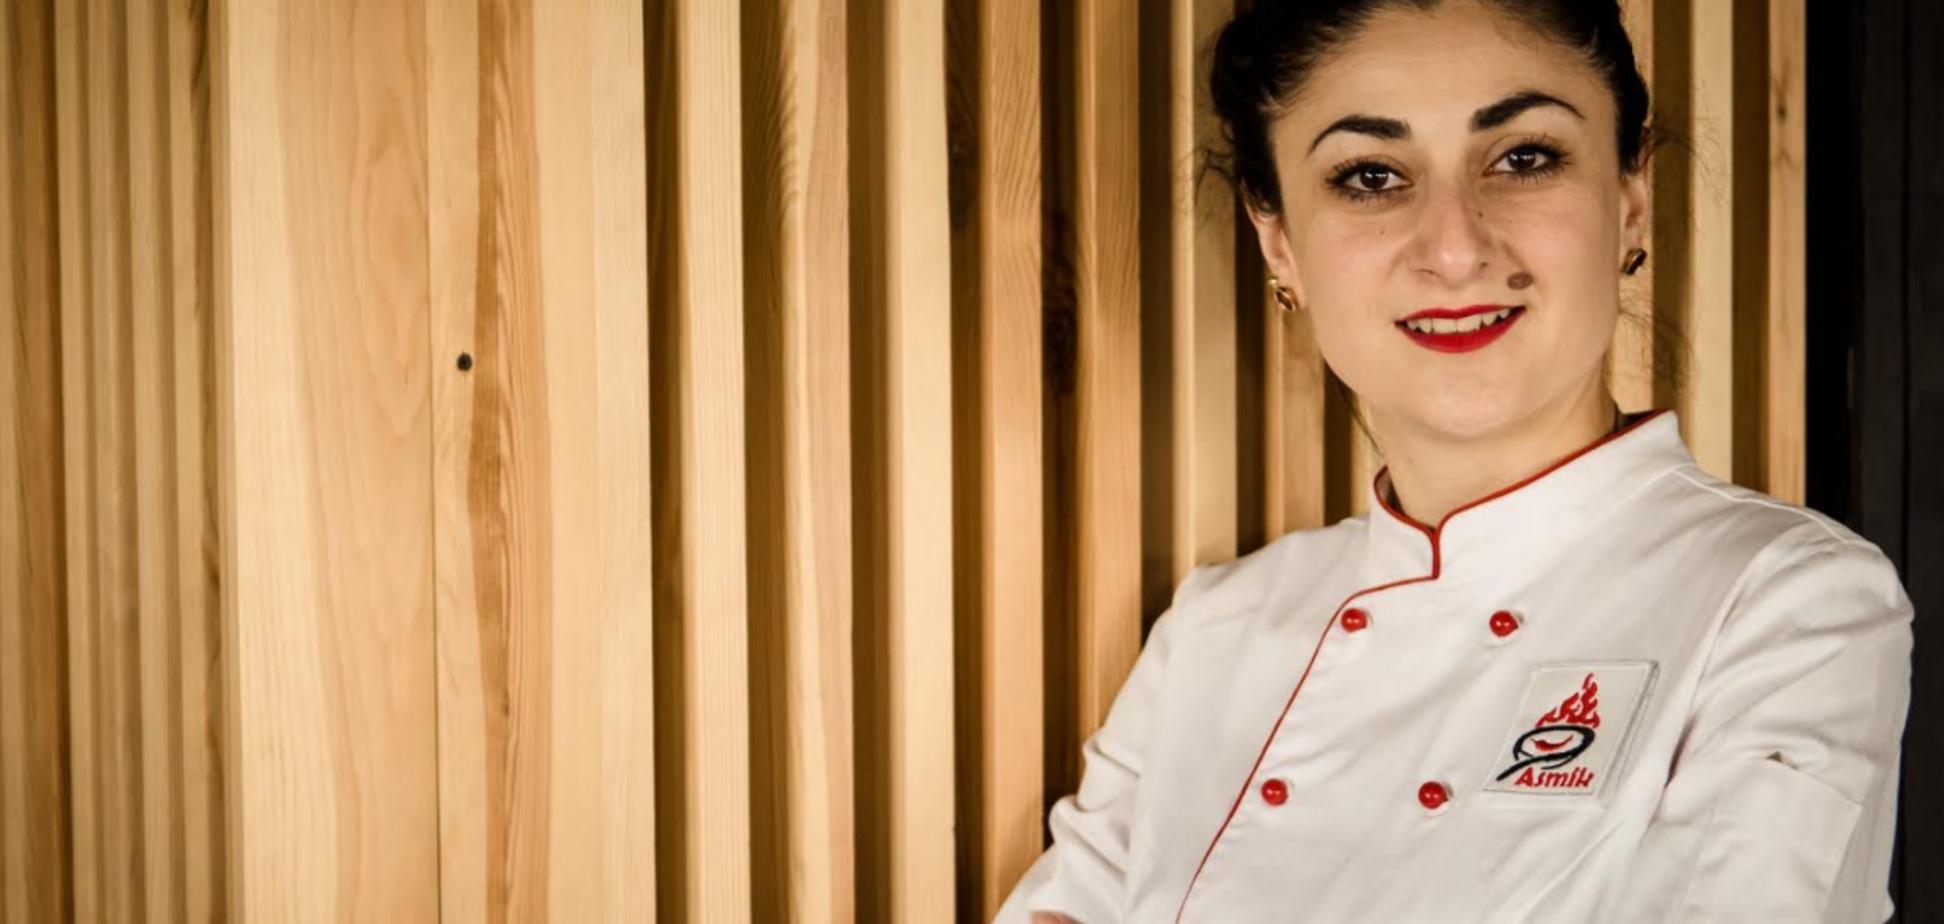 Победительница телепроекта 'МастерШеф' поделилась рецептом изысканного блюда